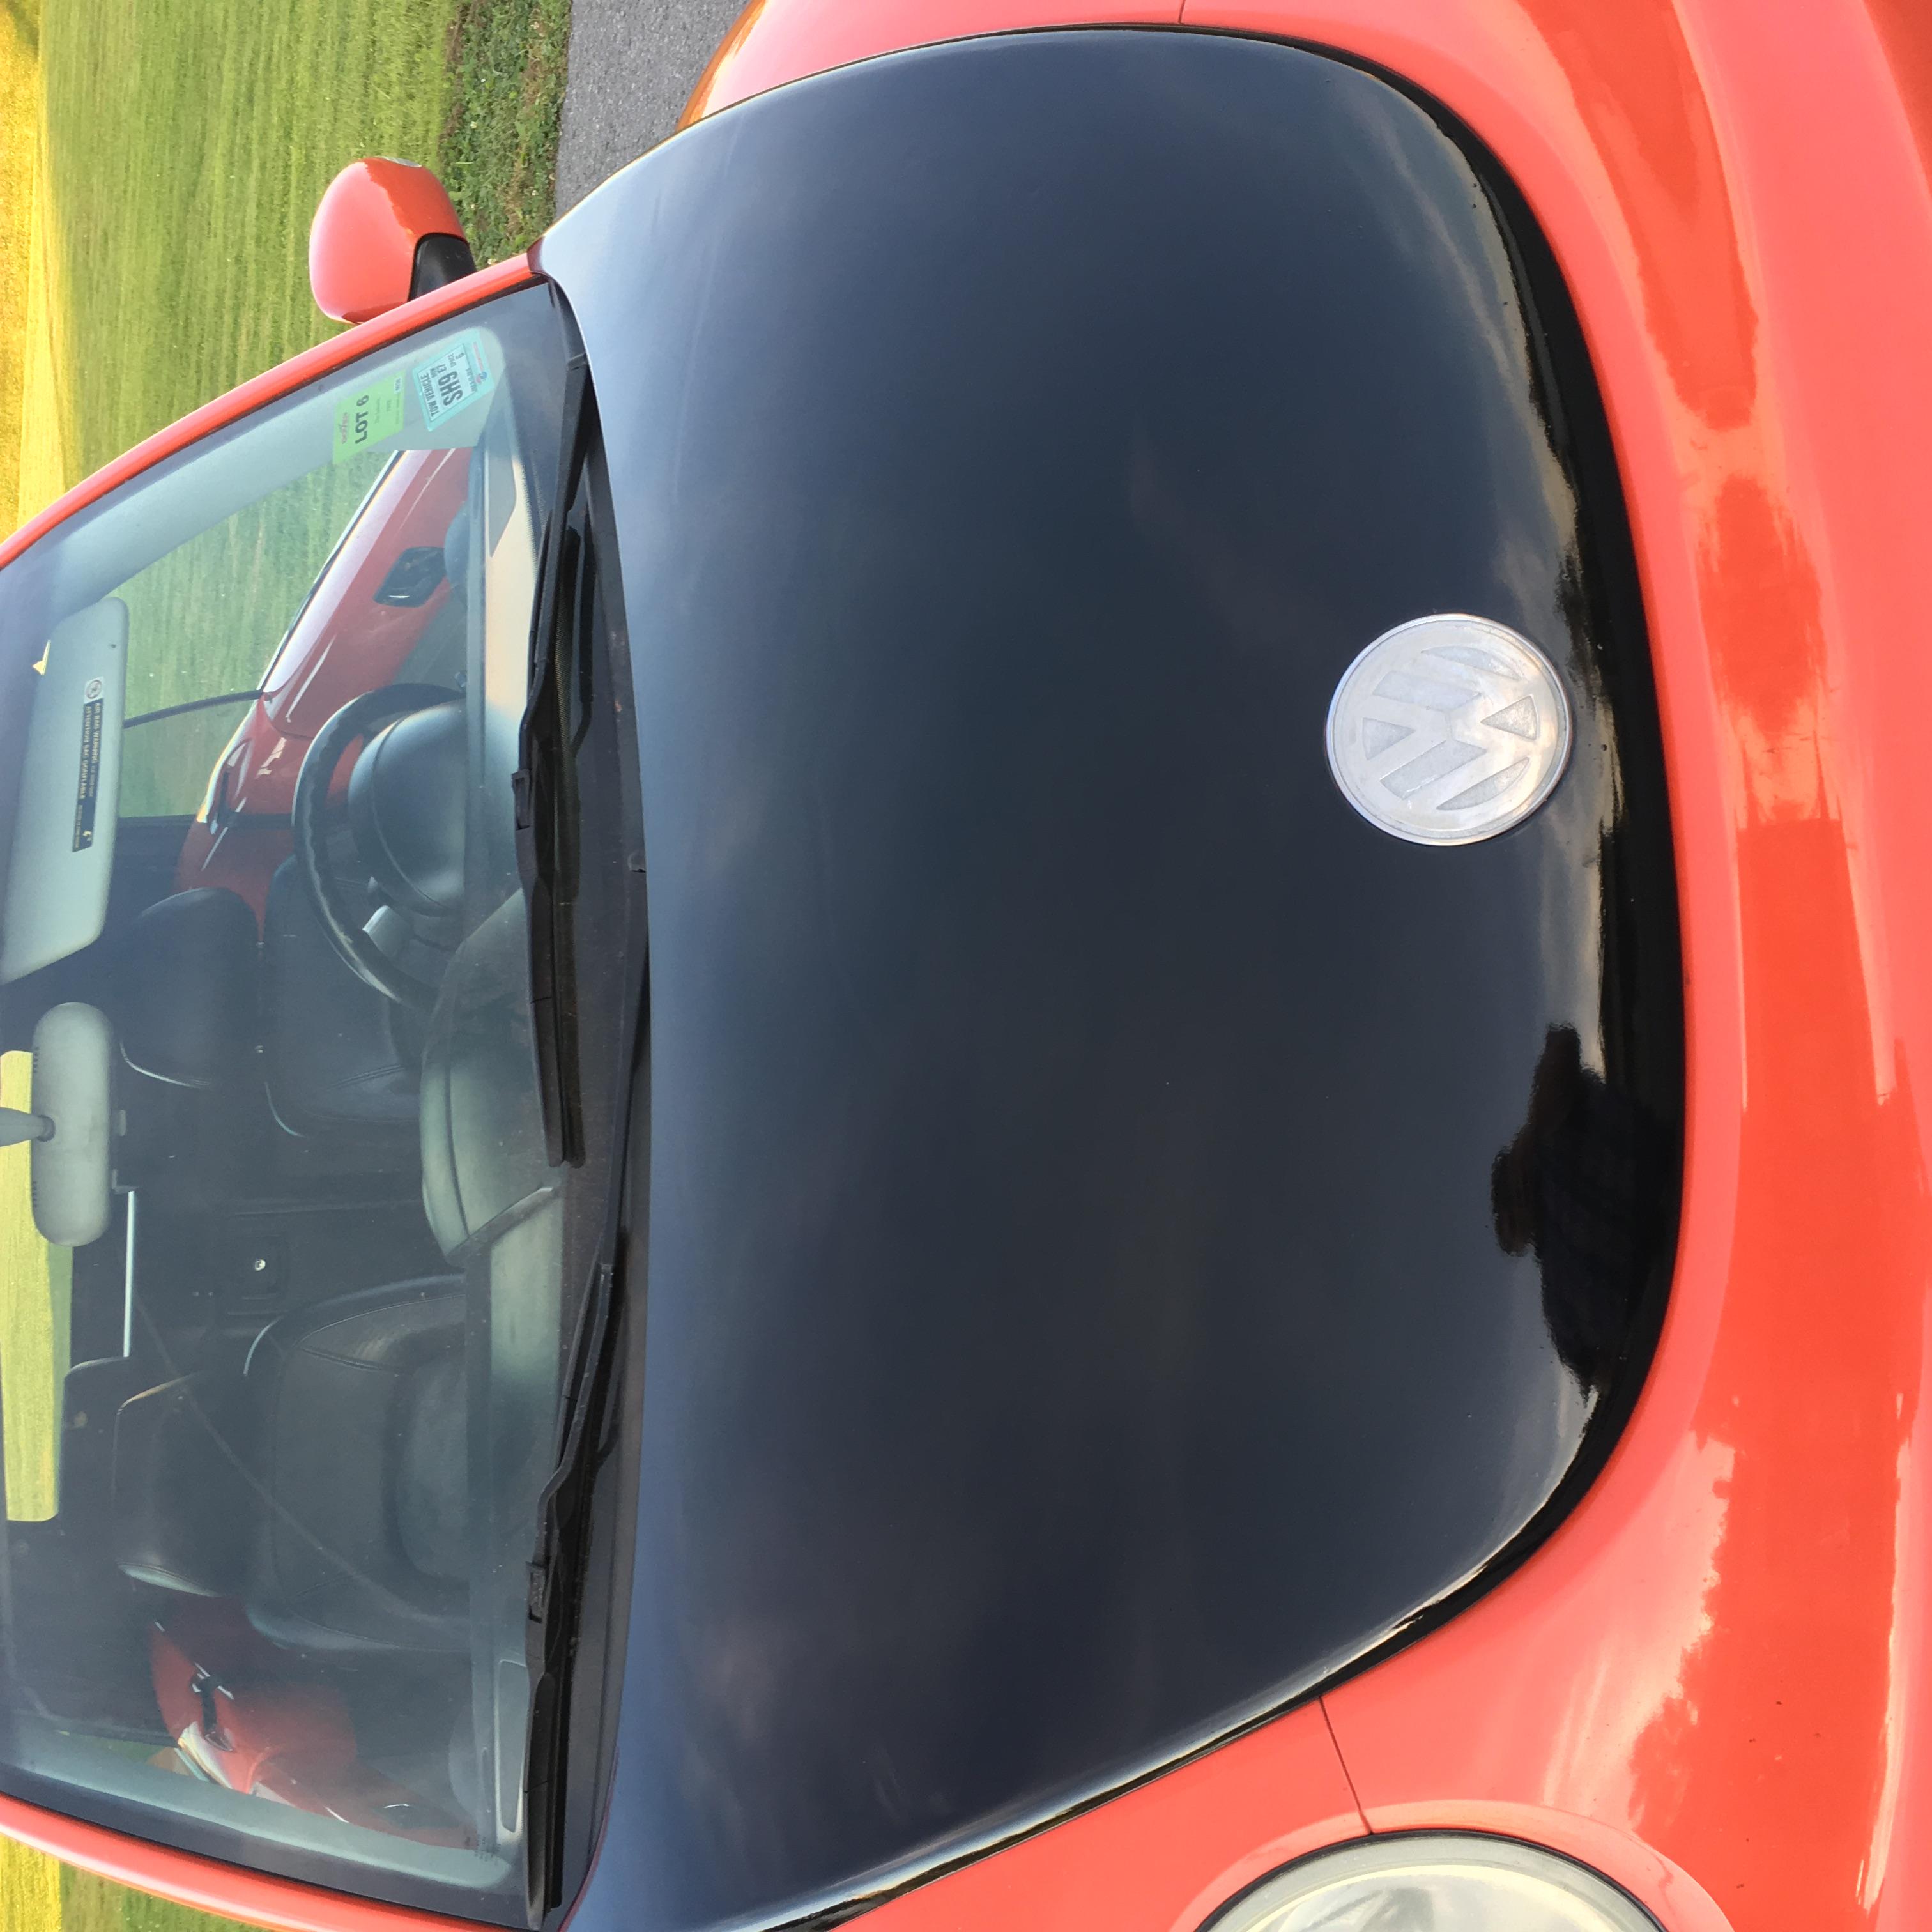 VW_Beetle_Hood_Wrap